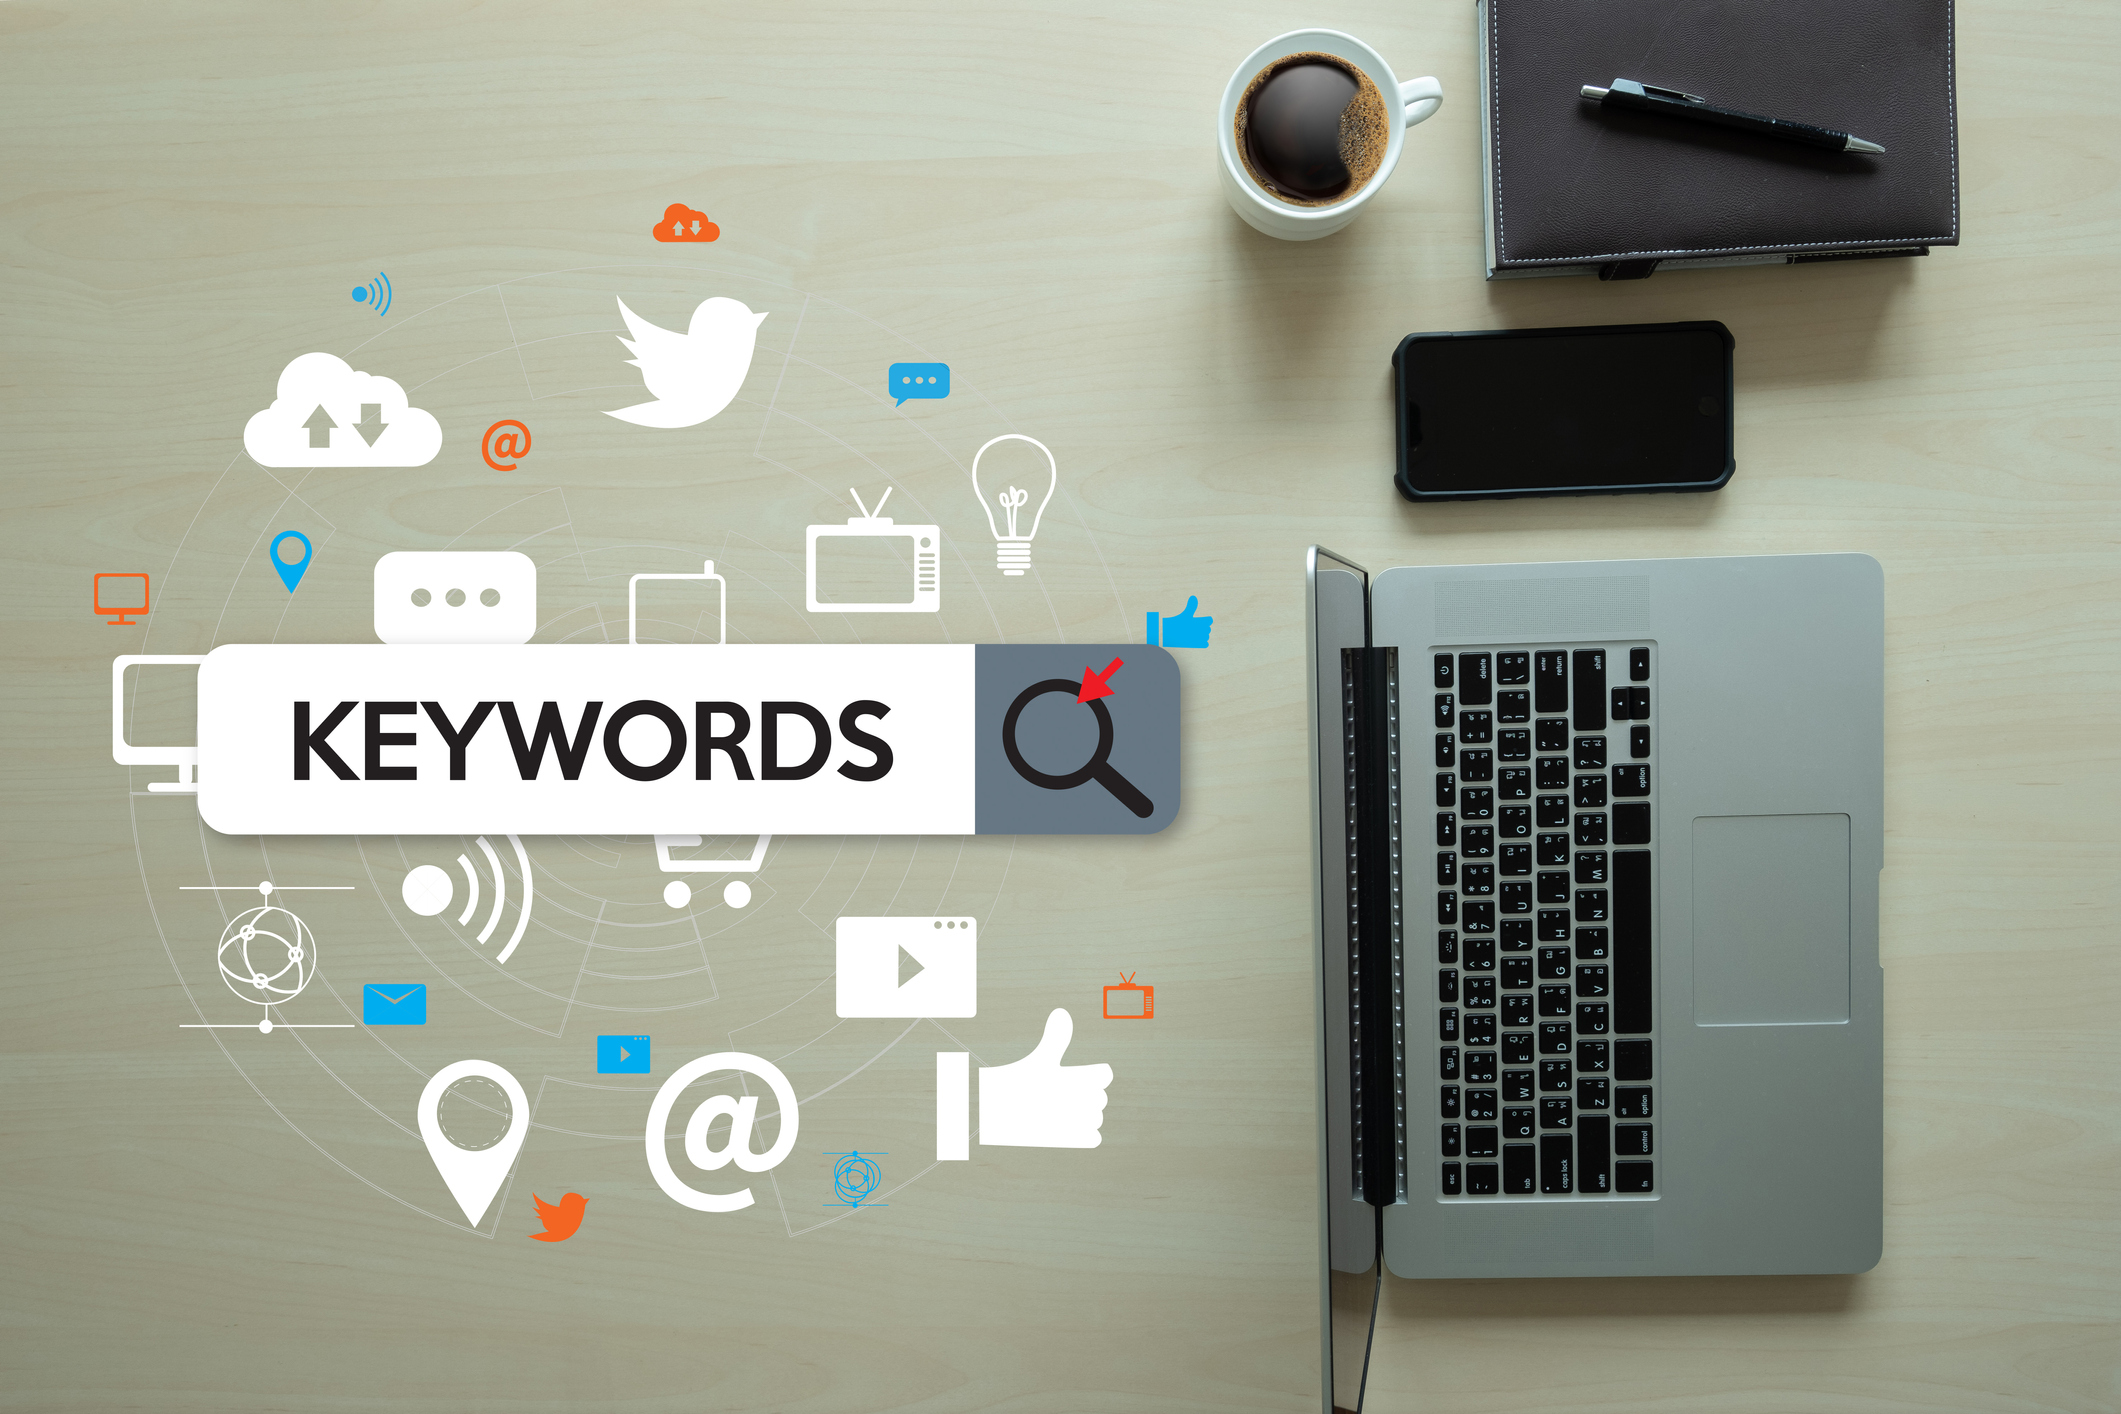 herramientas palabra clave-1